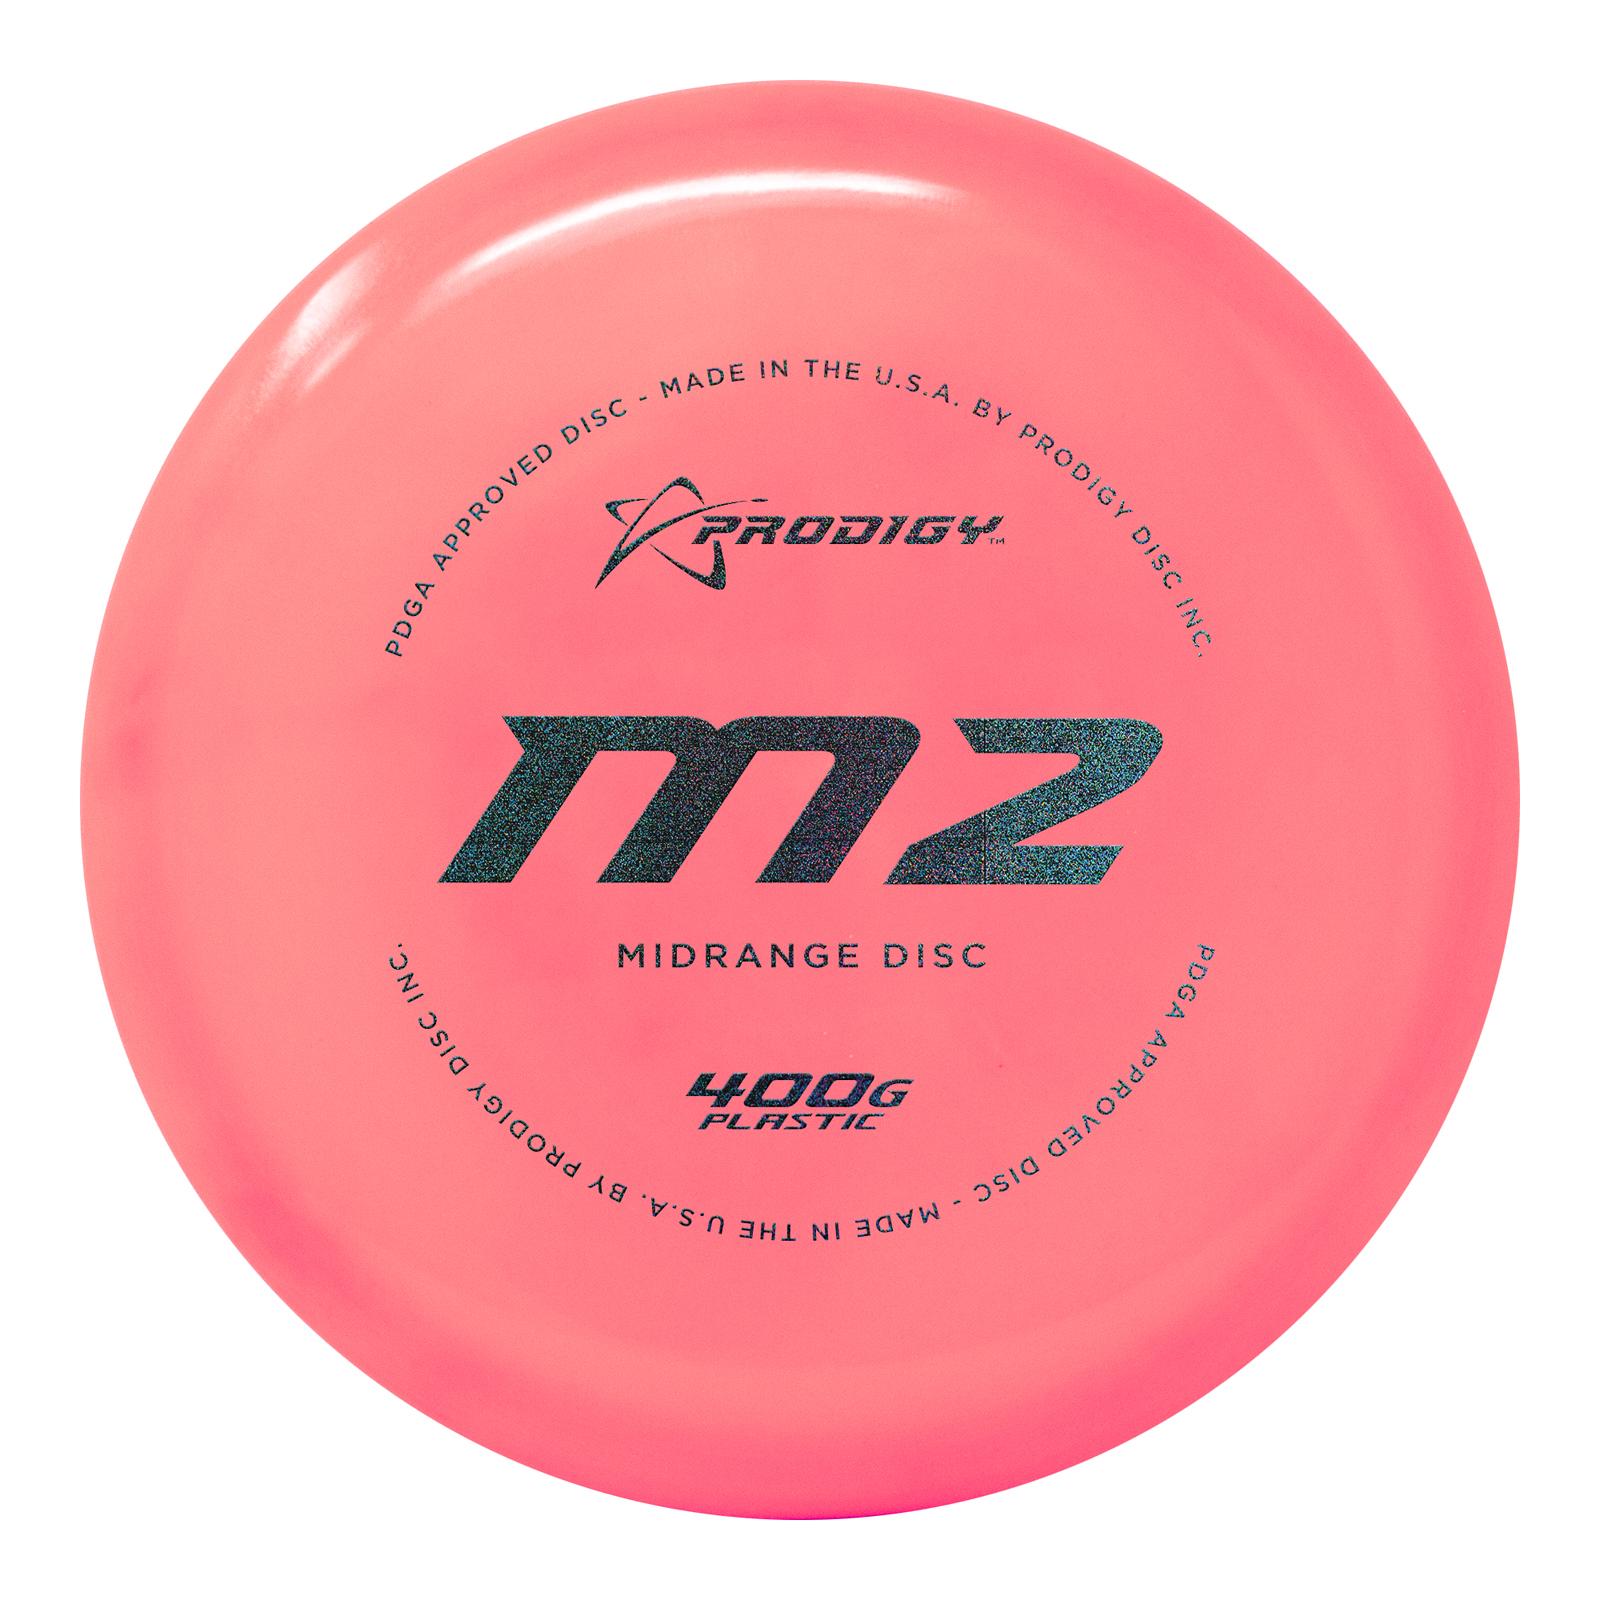 M2 - 400G PLASTIC